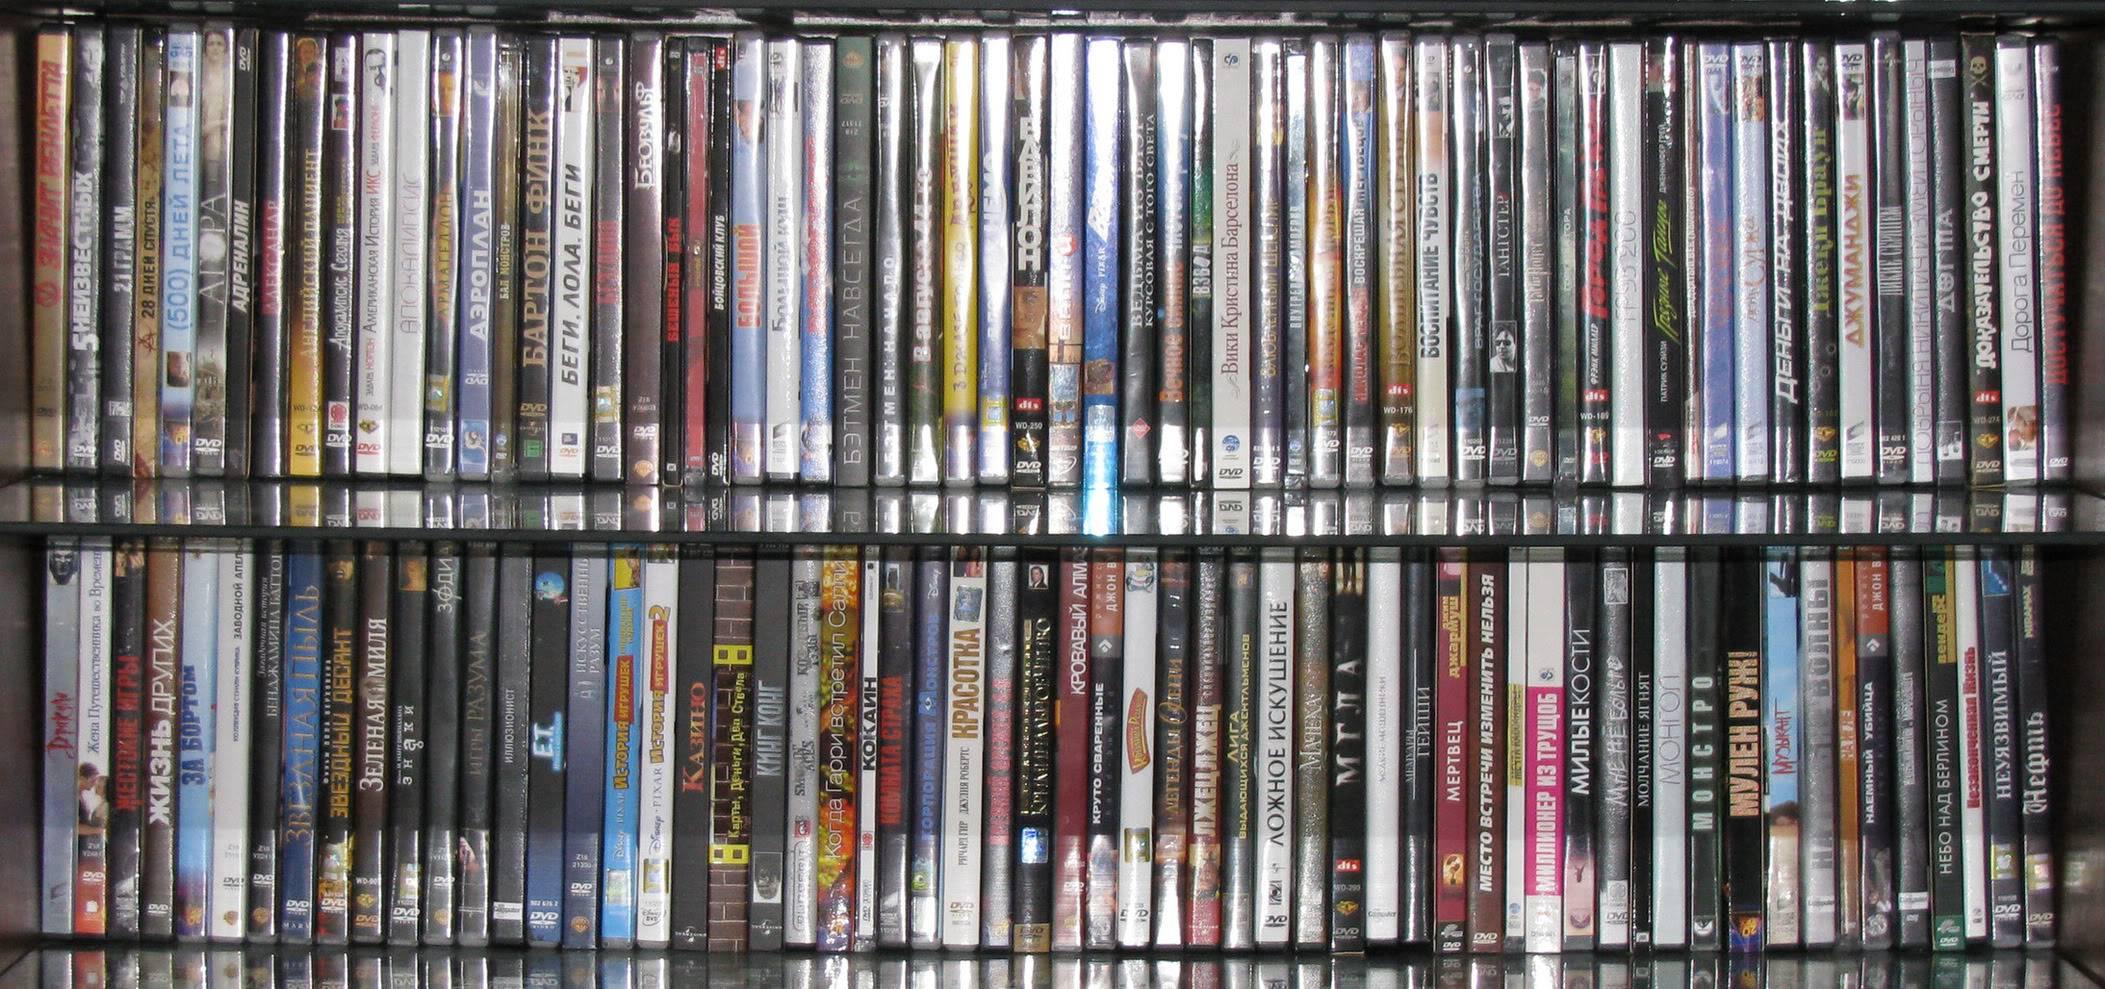 купить сериал фильм Dvd диск вьетнам до востребования